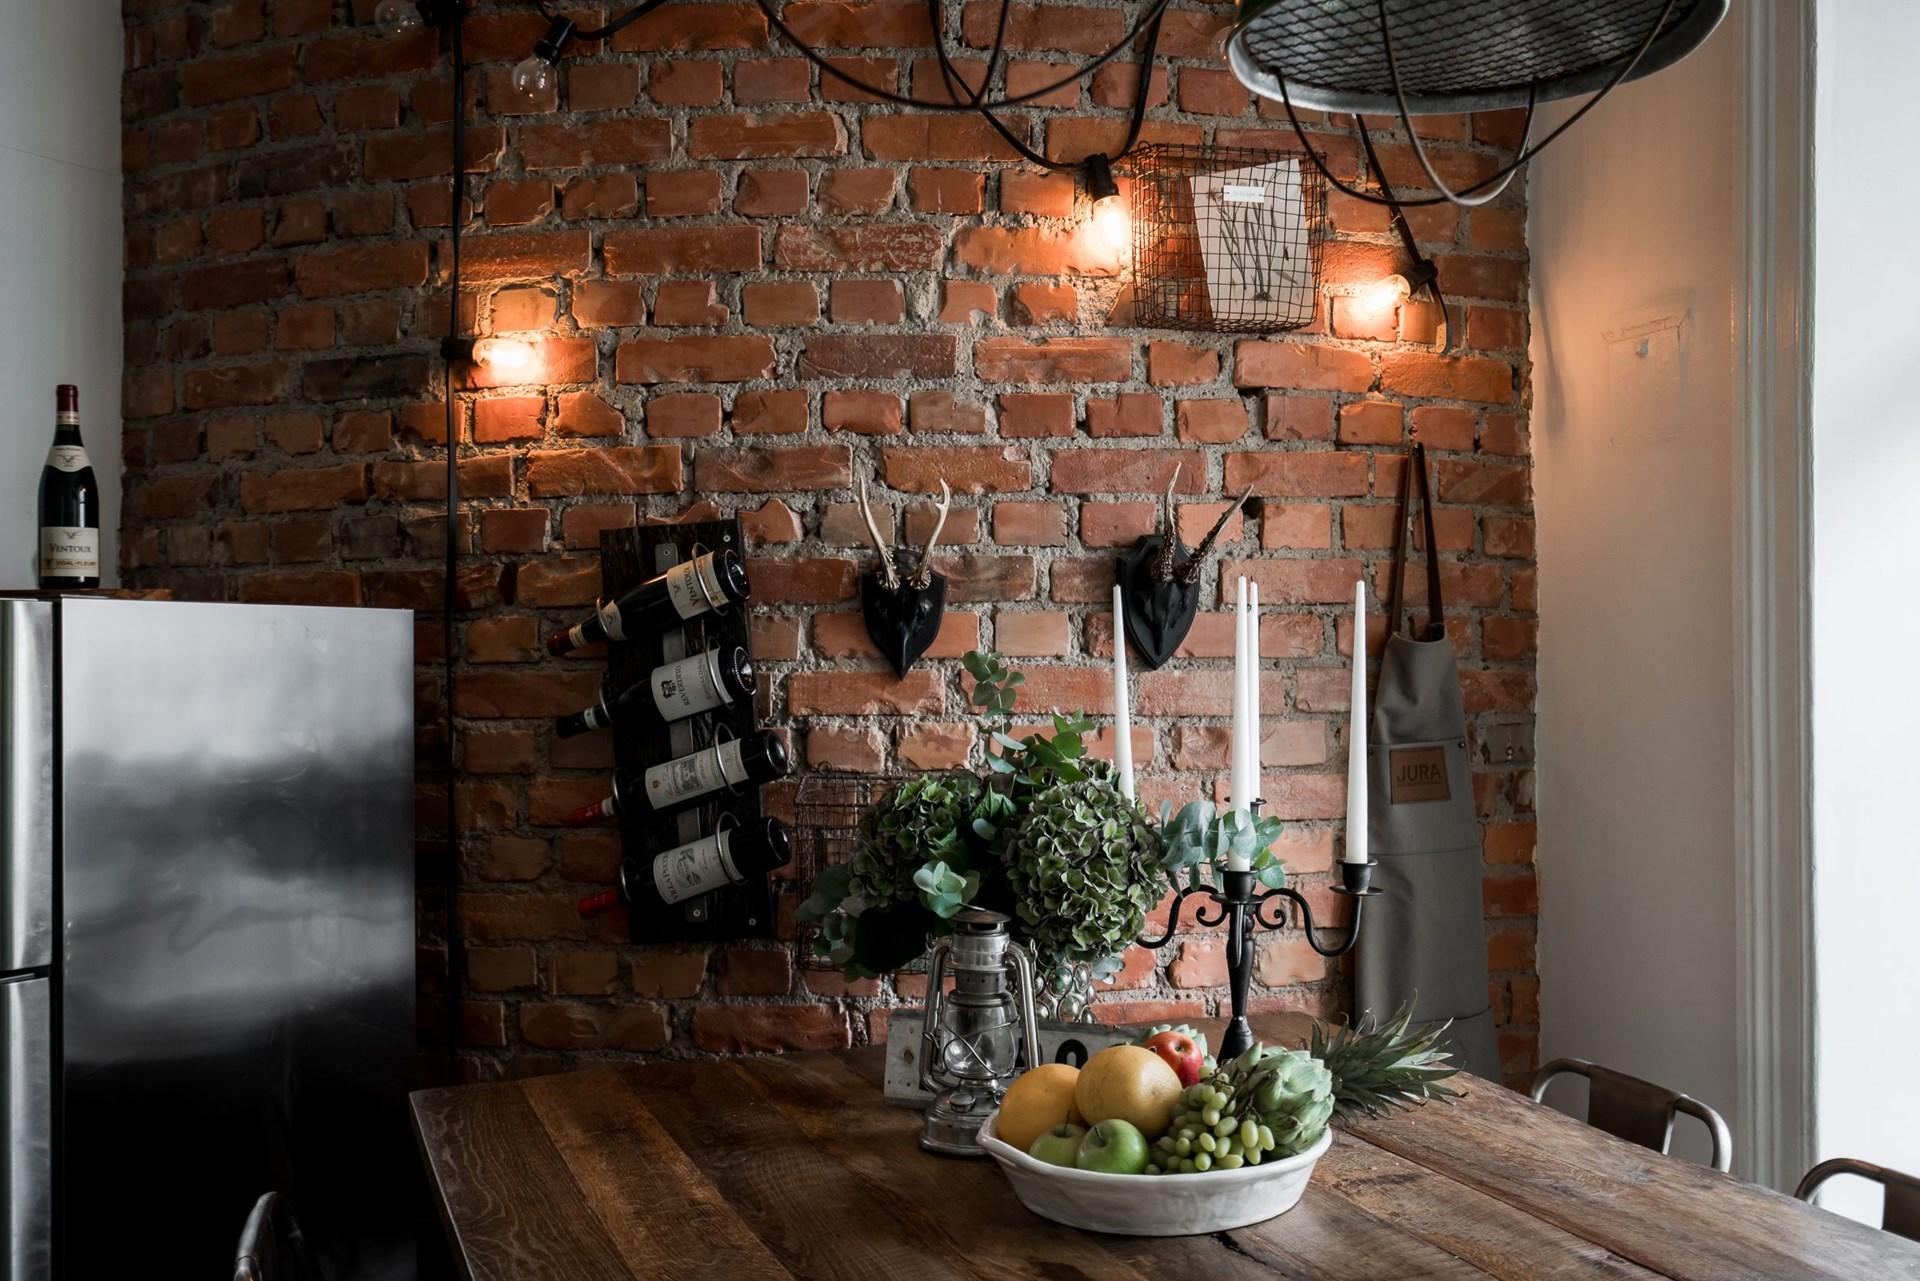 комната кухня кирпичная стена подсветка деревянный стол